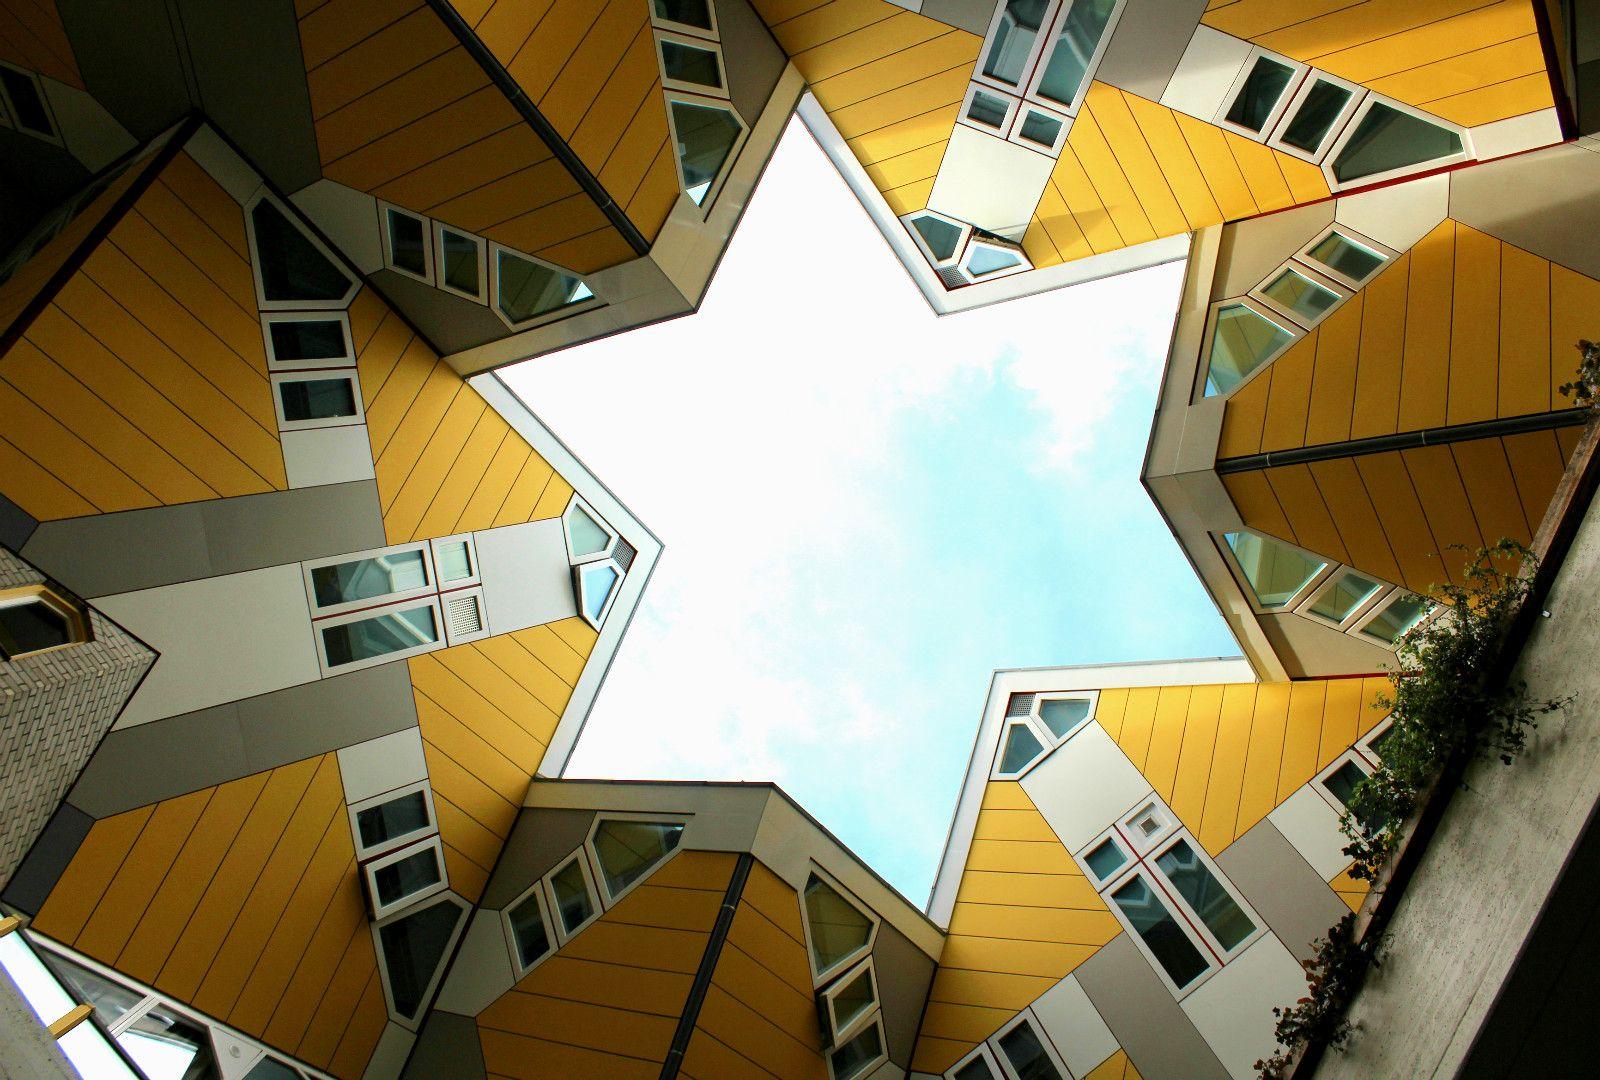 HOLANDA Conheça as Casas Cubo de Rotterdam por dentro e